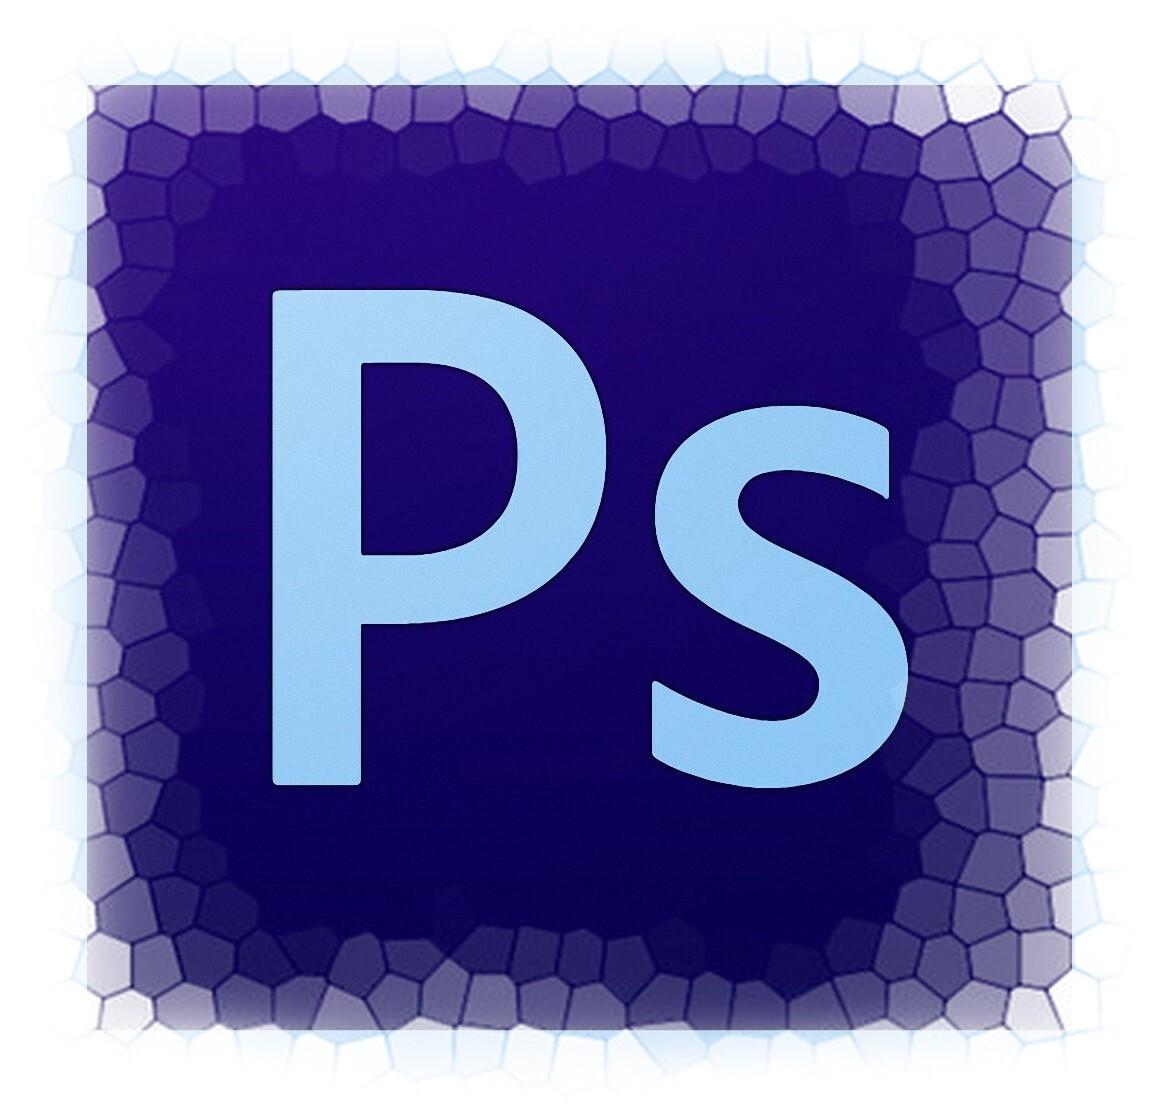 Adobe-Photoshop-Logo2.jpg